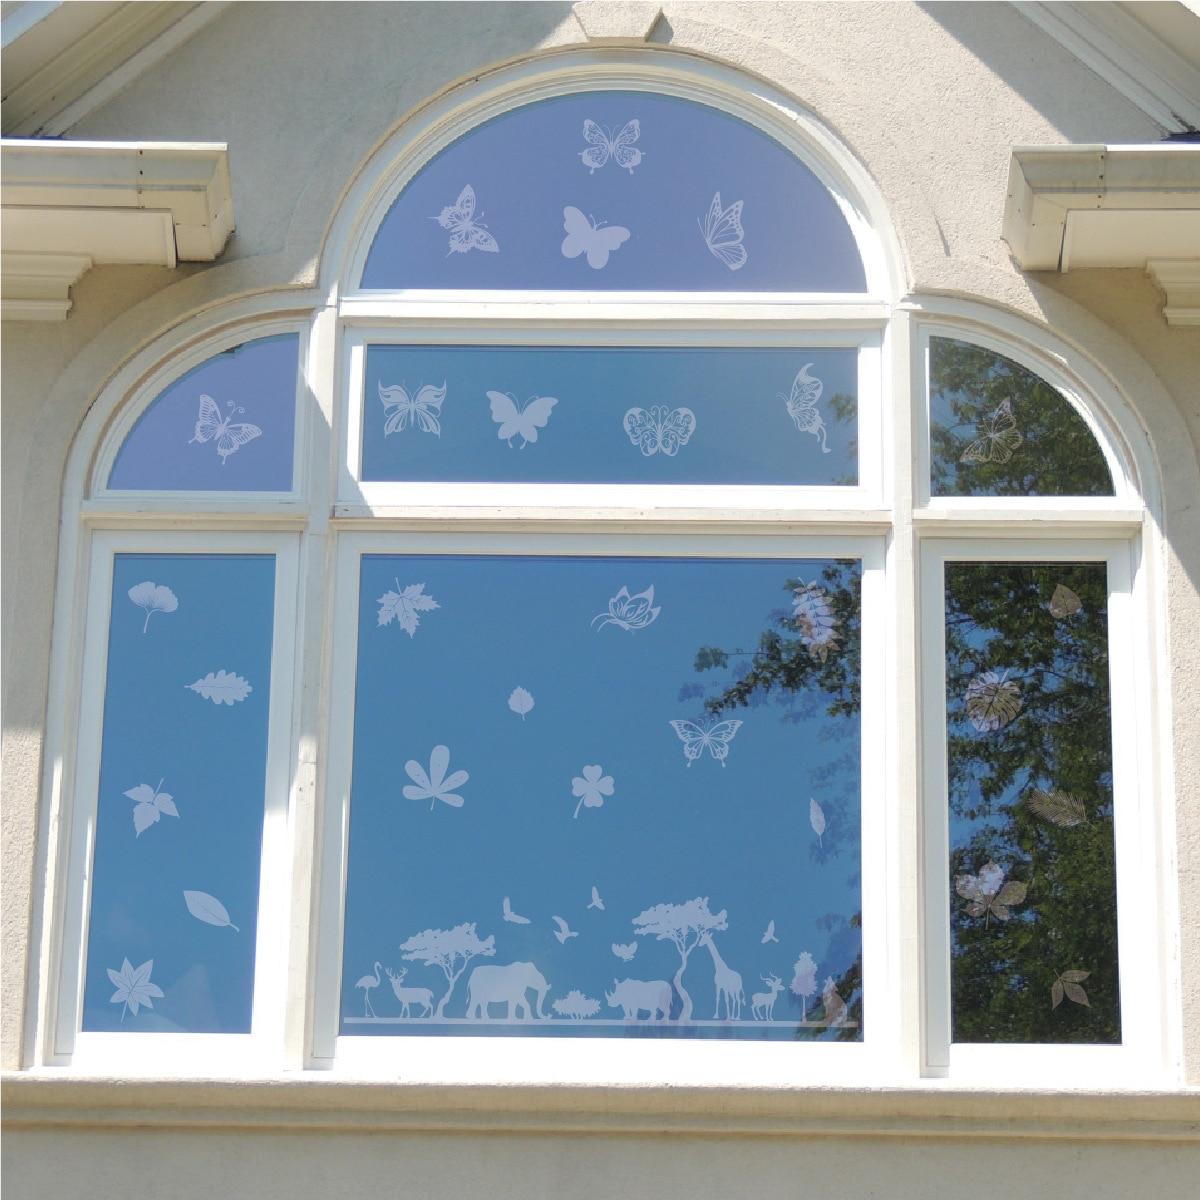 bastone-per-finestra-anticollisione-di-grandi-dimensioni-forme-di-foglie-avviso-adesivi-per-uccelli-sagoma-decalcomania-trasparente-prevenire-la-finestra-degli-uccelli